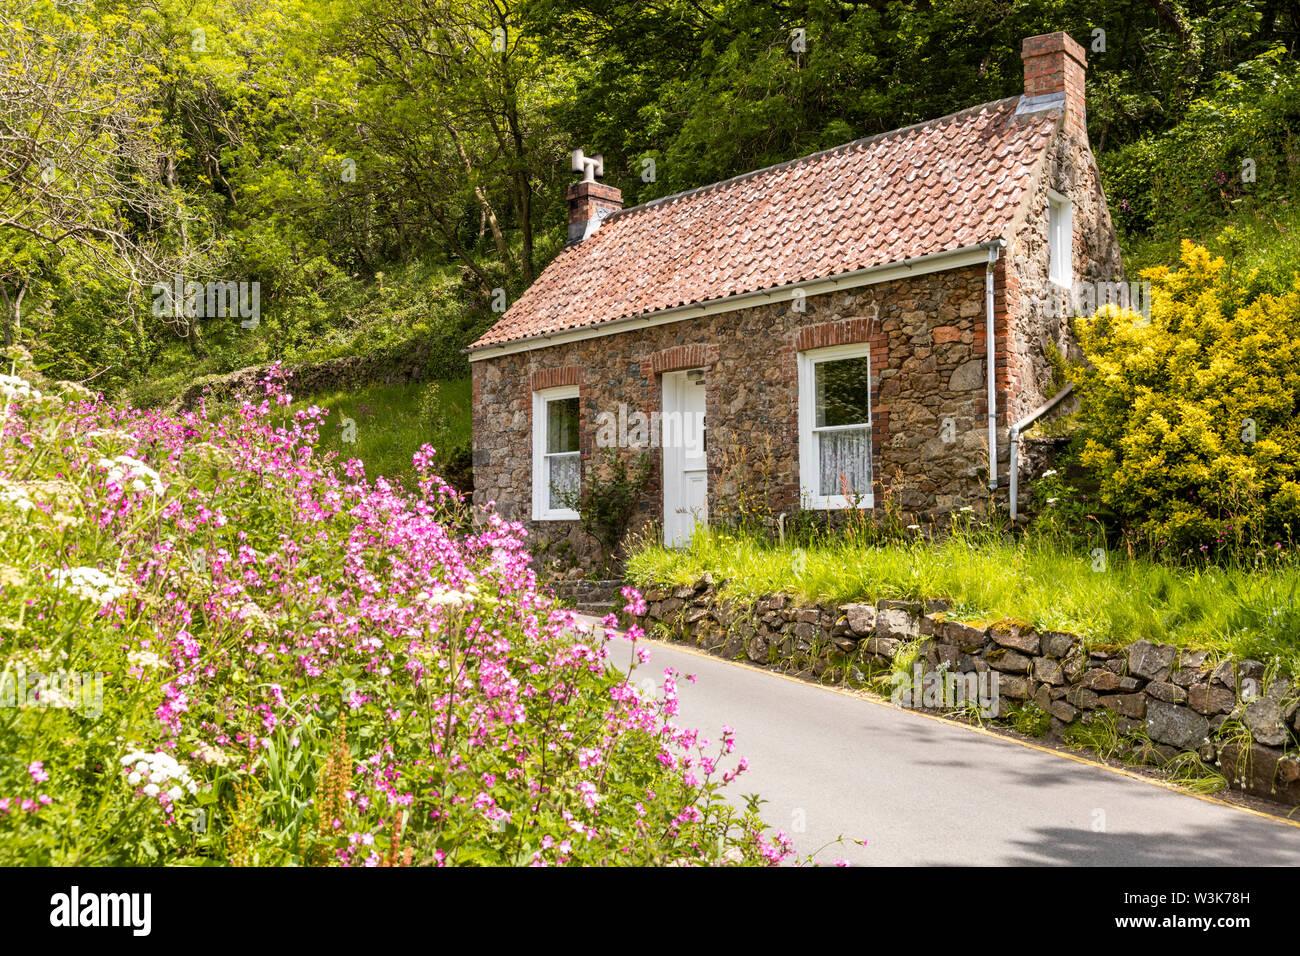 Una casa antigua de piedra al lado del carril en Petit Bot, Guernsey, REINO UNIDO Foto de stock